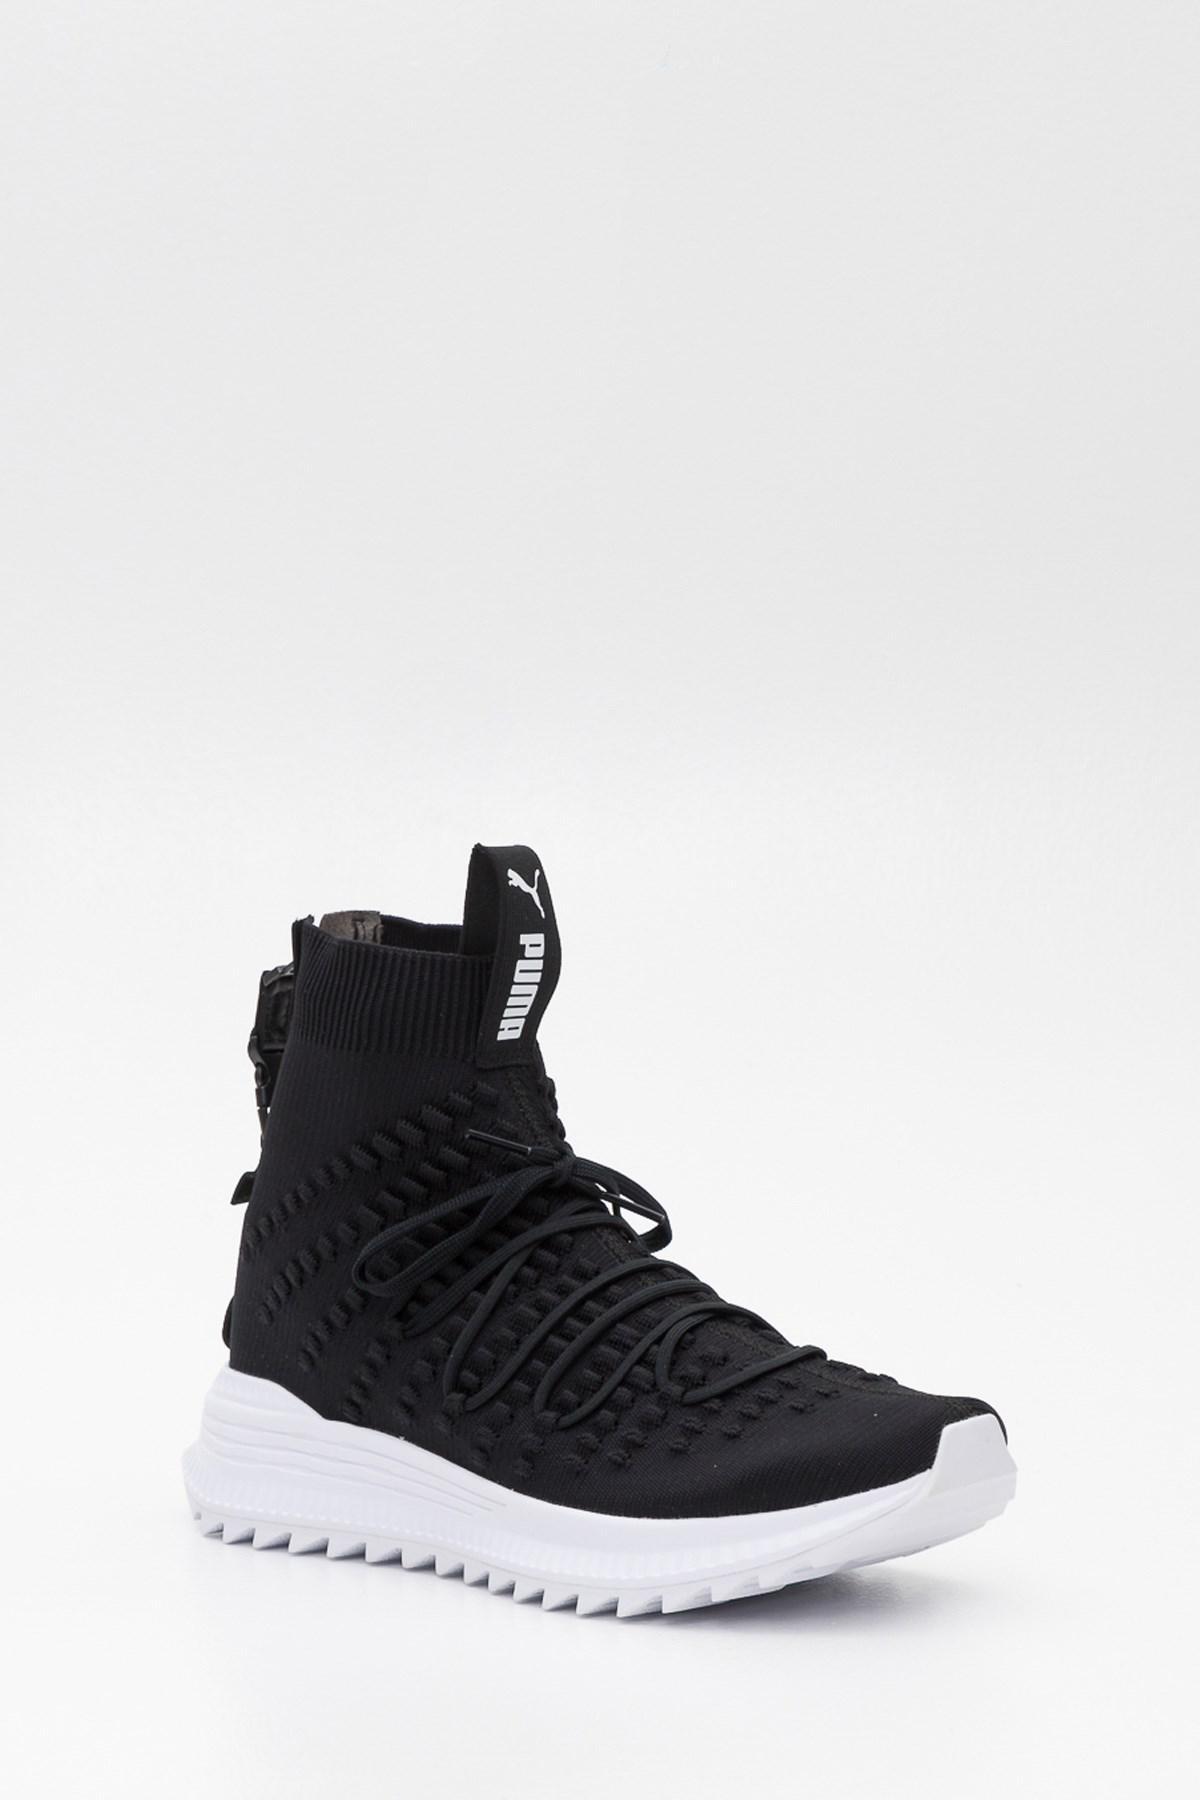 PUMA - Black Avid Fusefit Mid Sneakers for Men - Lyst. View fullscreen 4727b5bd1